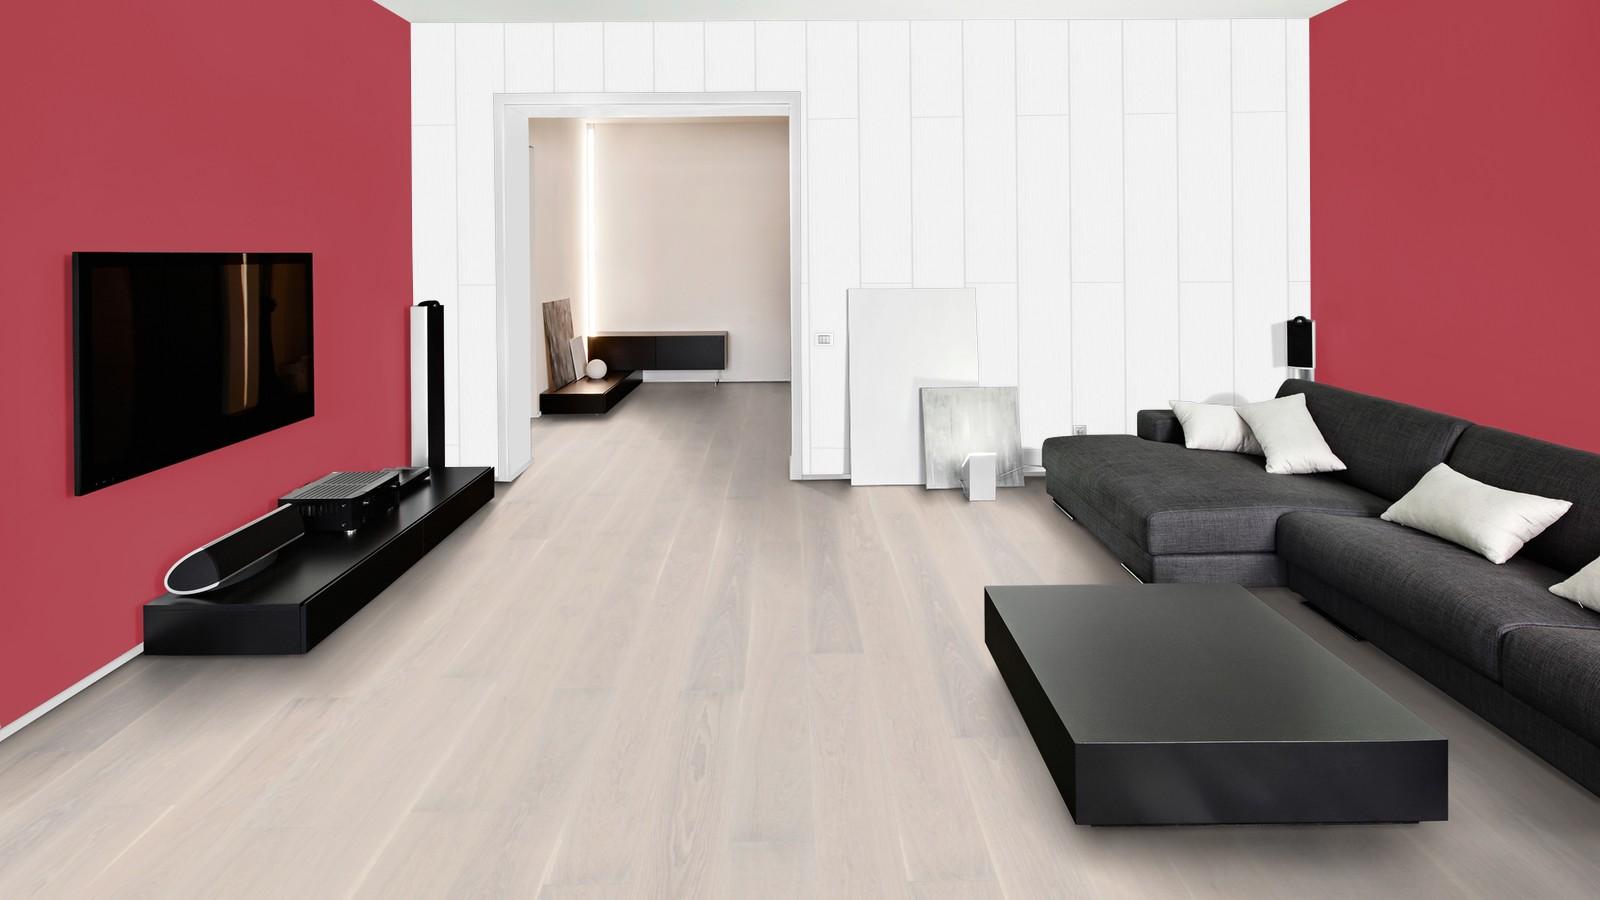 ter h rne pure collection l parkett l a01 eiche kristallwei l landhausdiele preisbrecher 24. Black Bedroom Furniture Sets. Home Design Ideas